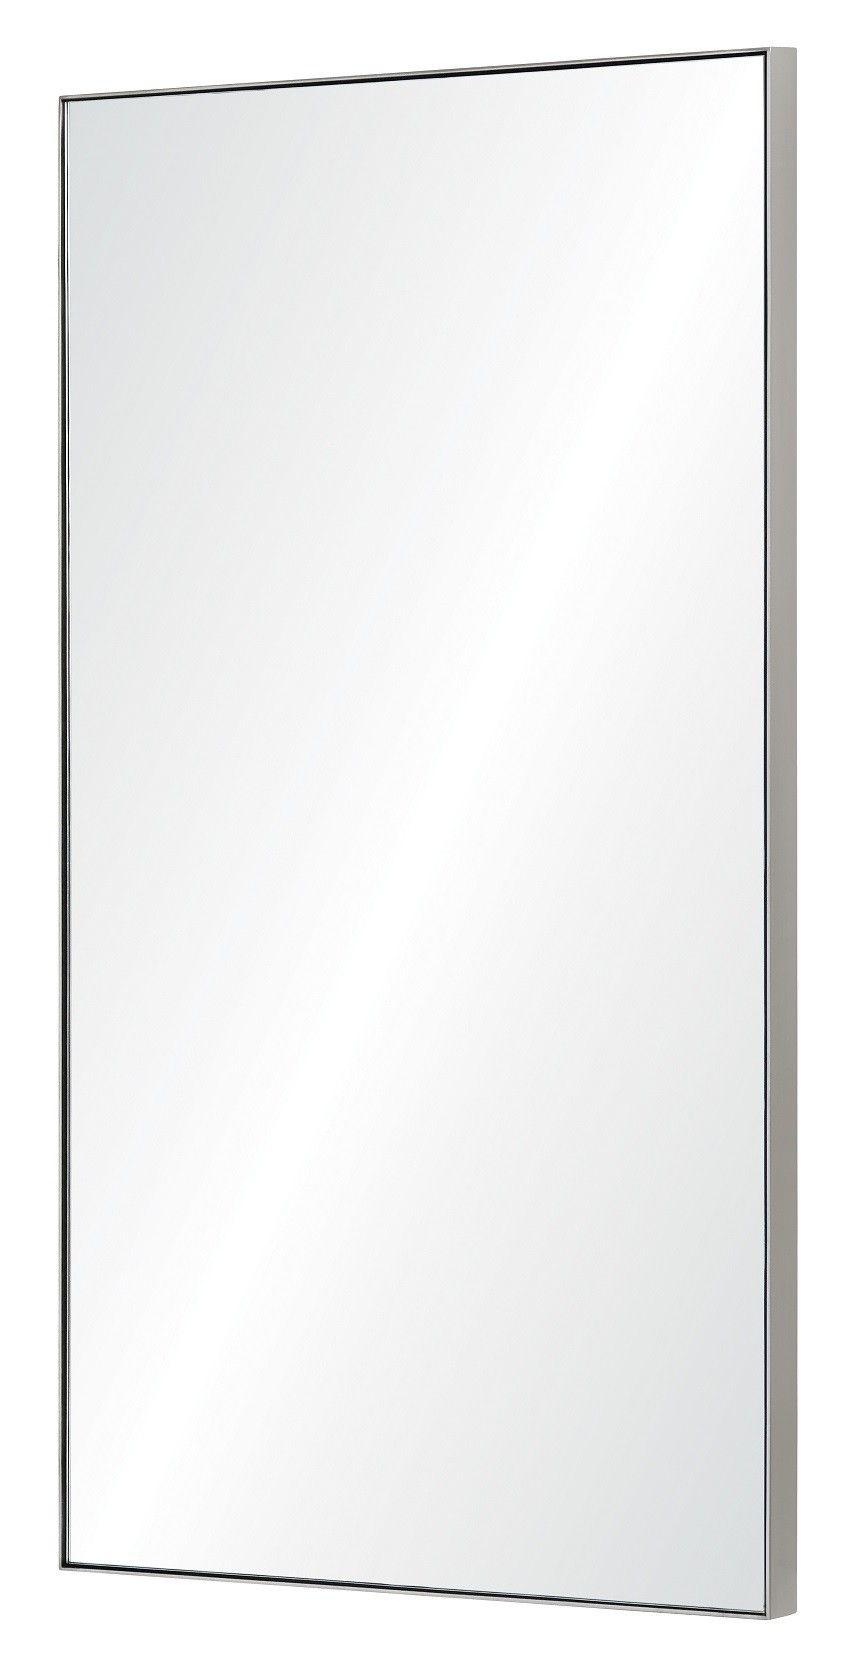 20583 Mirror Image Home 24x40 Or 30x40 Mirror Image House Bathroom Renos